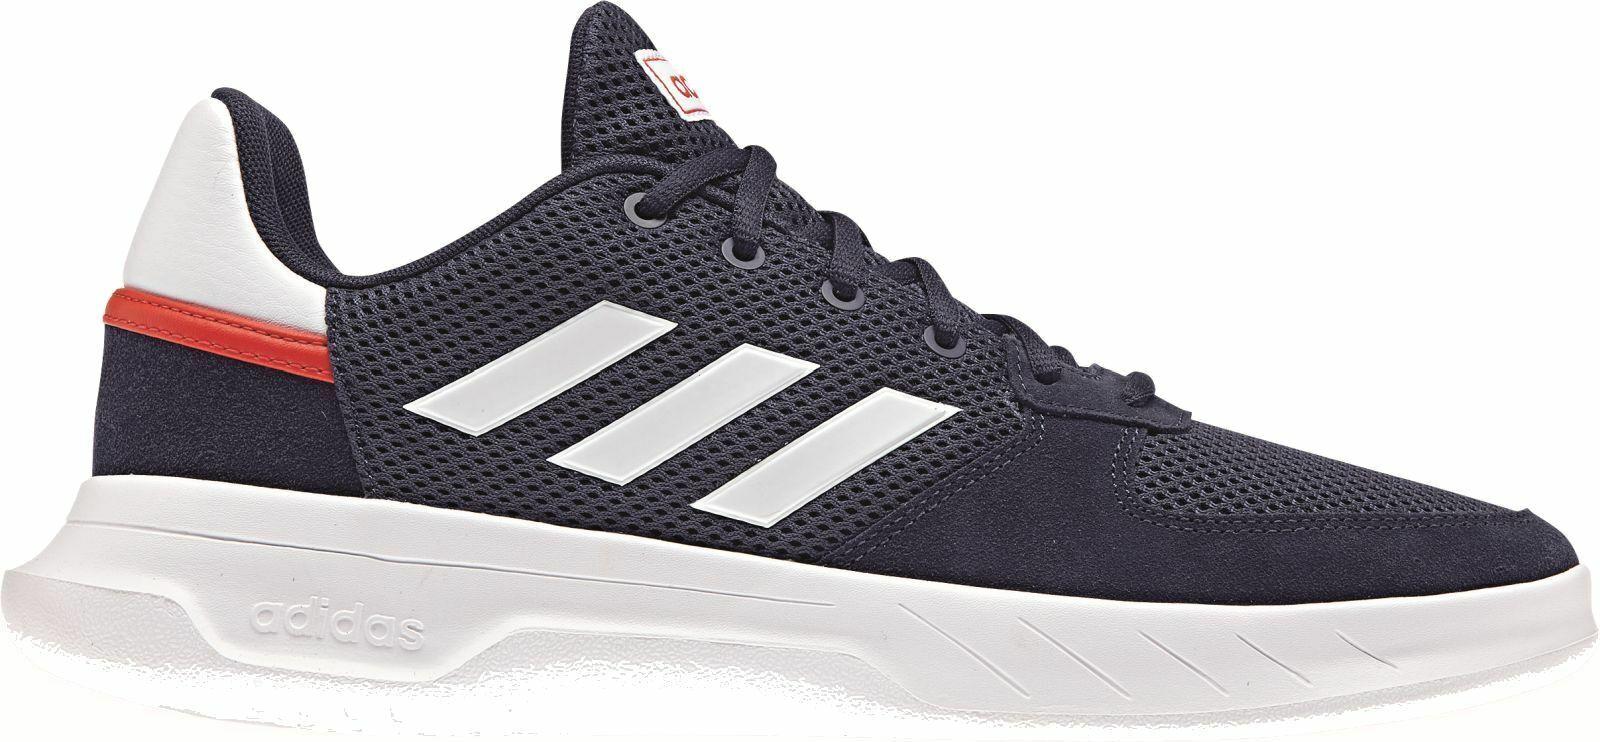 Adidas Performance Hombres Ocio Ocio Ocio Zapatilla de Baloncesto Fusion Flujo 0381a3